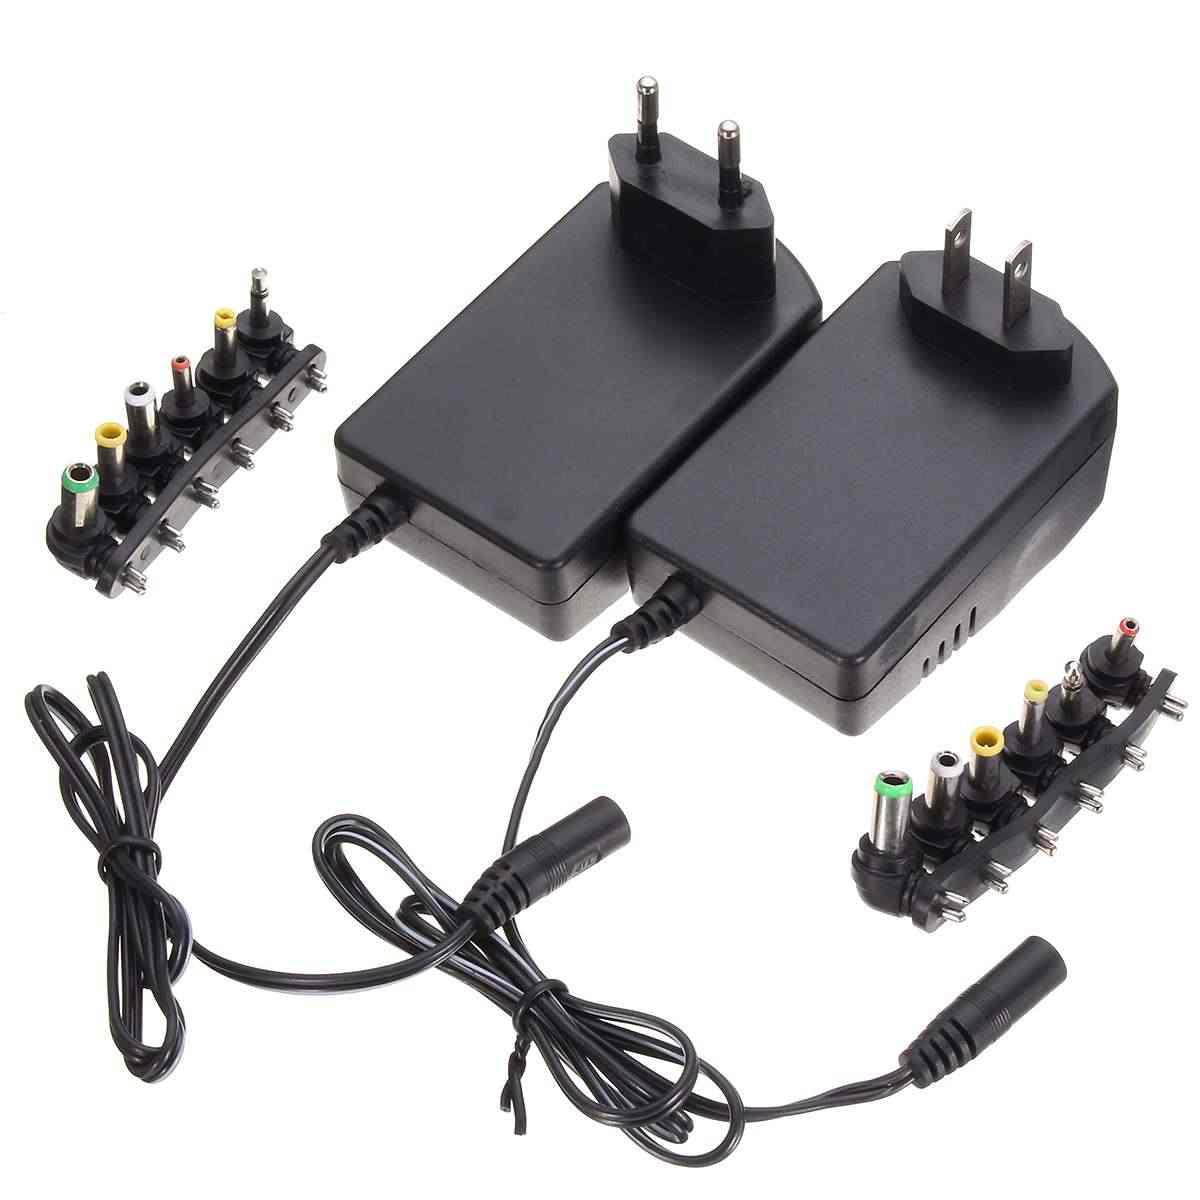 100-240 В переменного тока 50-60 Гц мульти напряжение 3 в 4,5 в 5 в 6 в 9 в 12 В DC адаптер с регулируемой мощностью Универсальное зарядное устройство преобразователь питания 6 штекеров